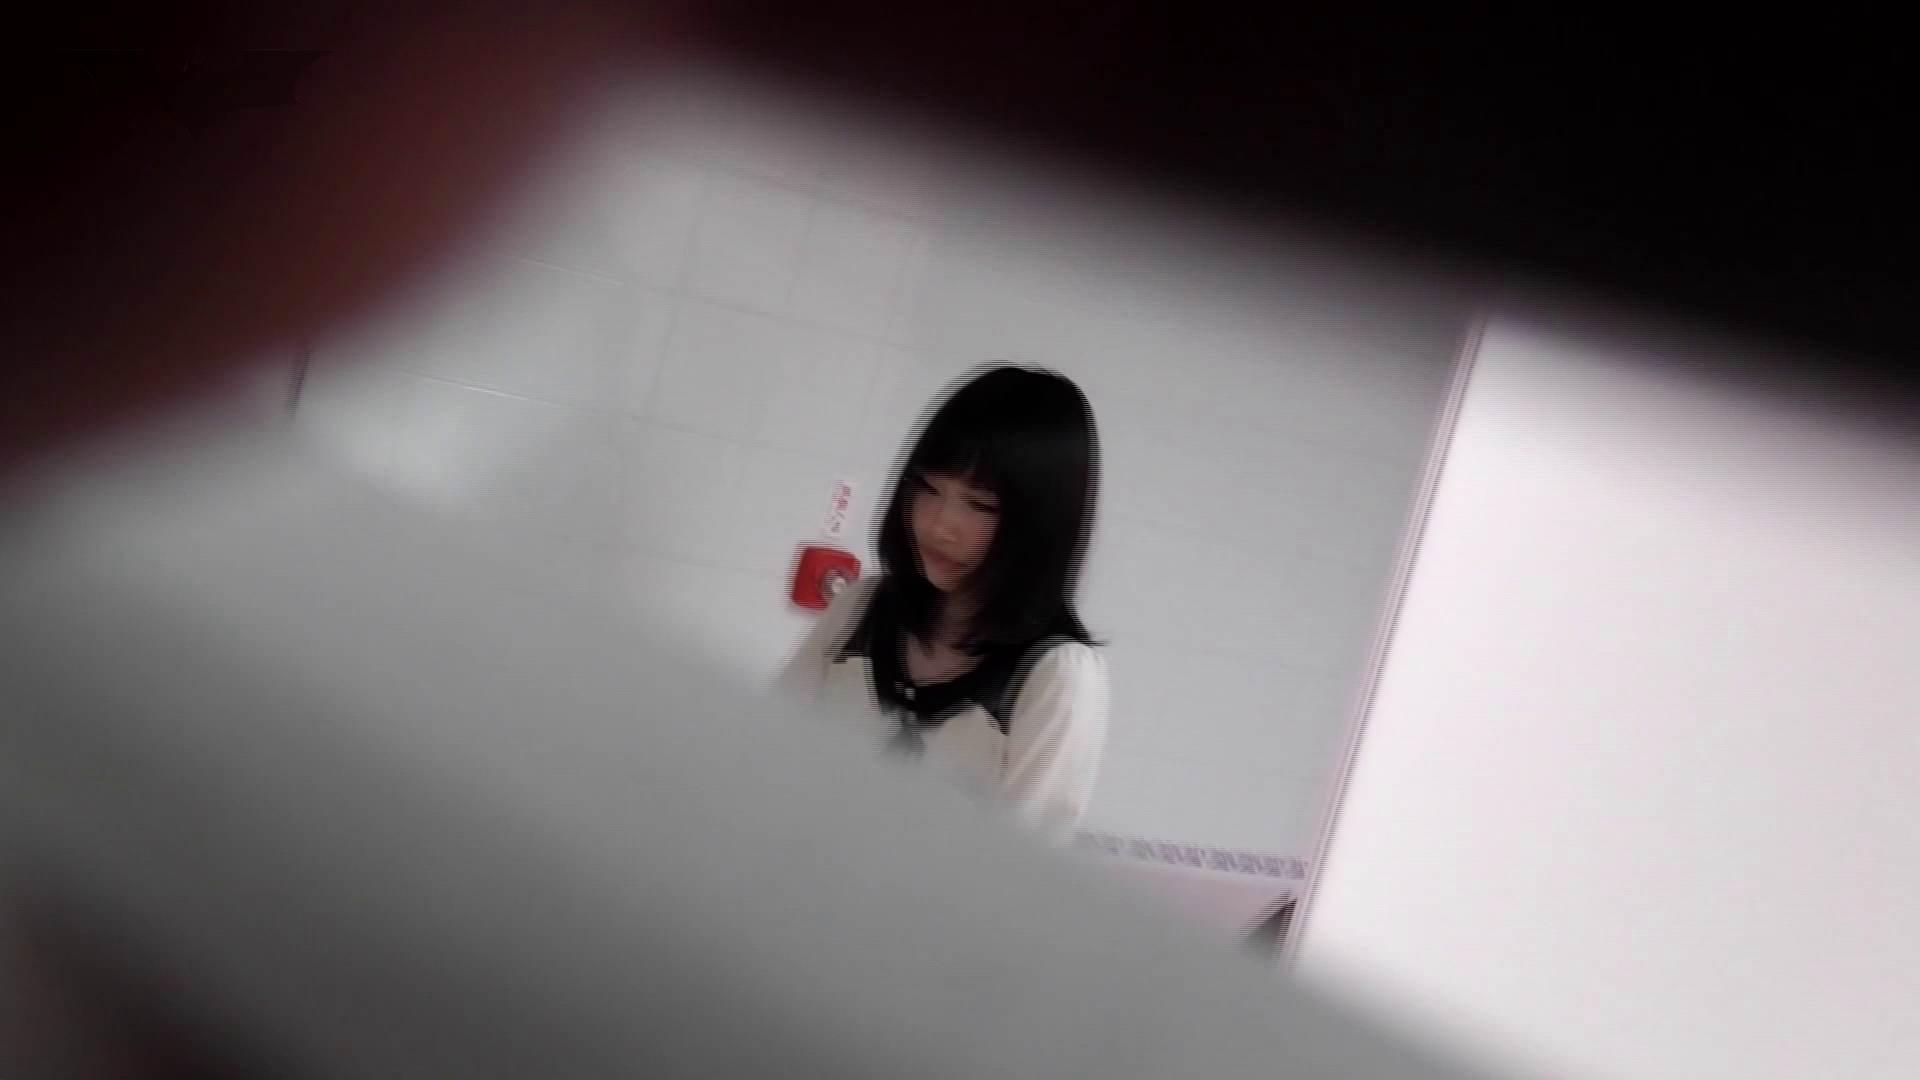 美しい日本の未来 No.37 モデルを追跡したら【2015・24位】 洗面所のぞき AV動画キャプチャ 96枚 13